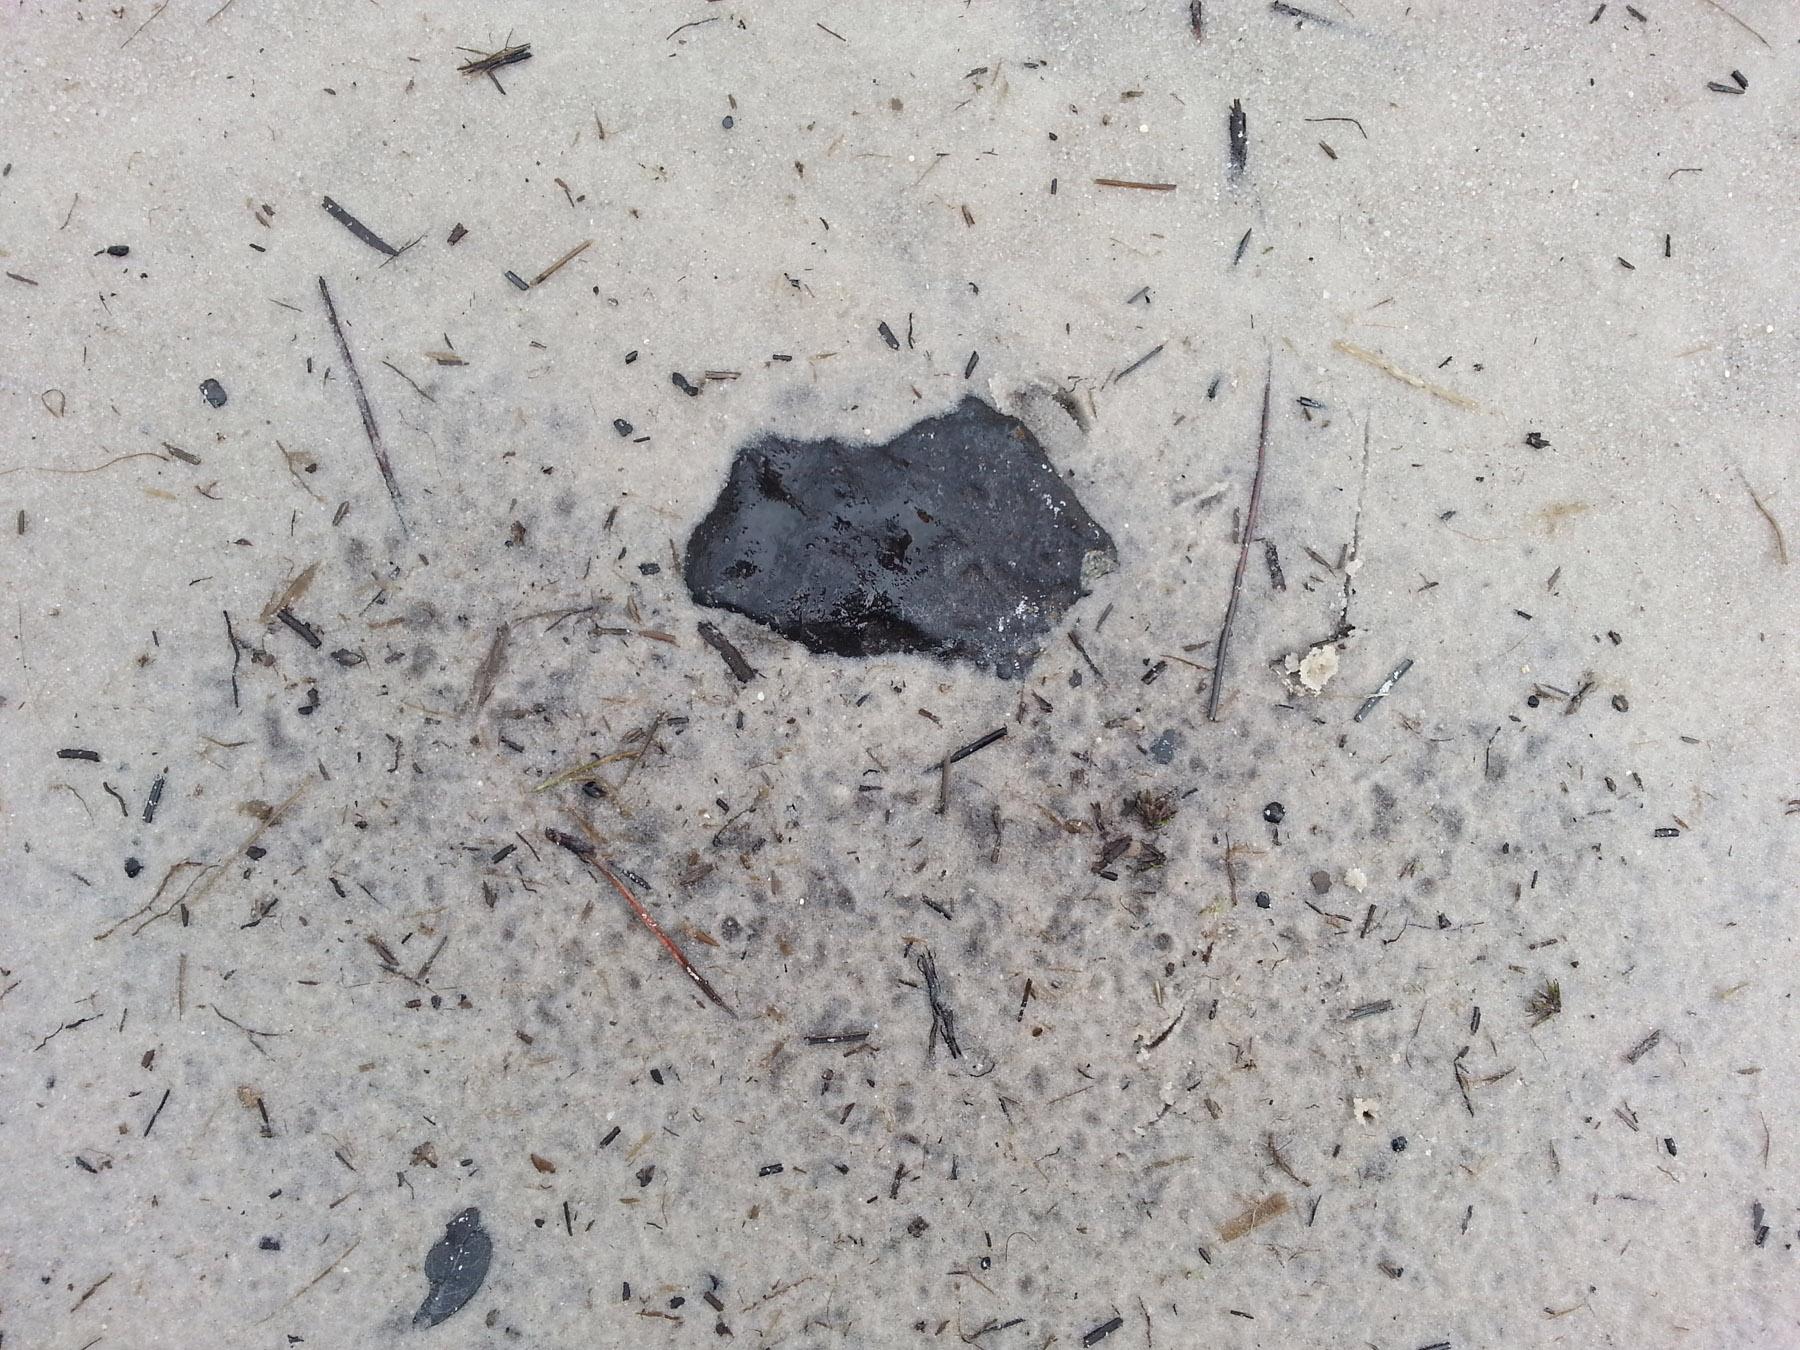 800 Gram Find in-situ in Osceola Meteorite Recovery